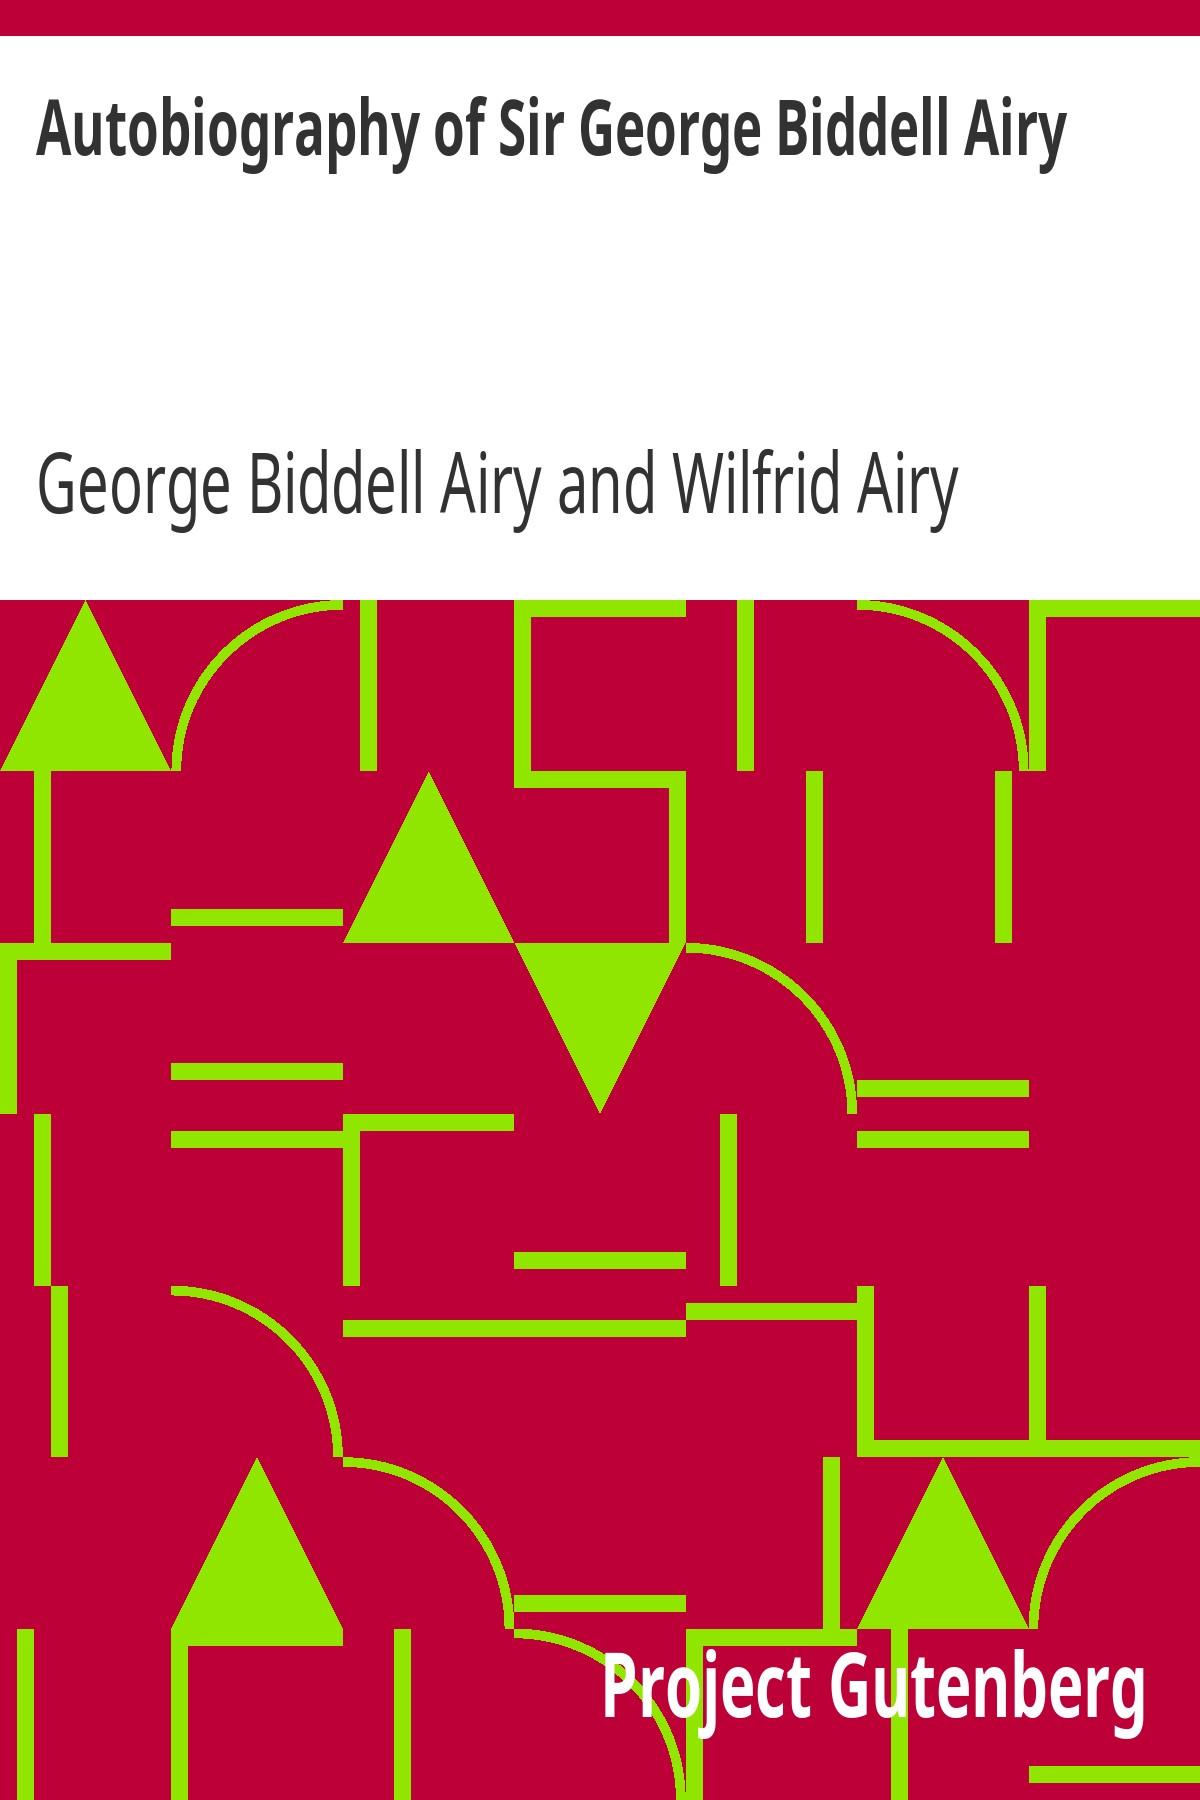 Джордж Бідделл Ері Autobiography of Sir George Biddell Airy